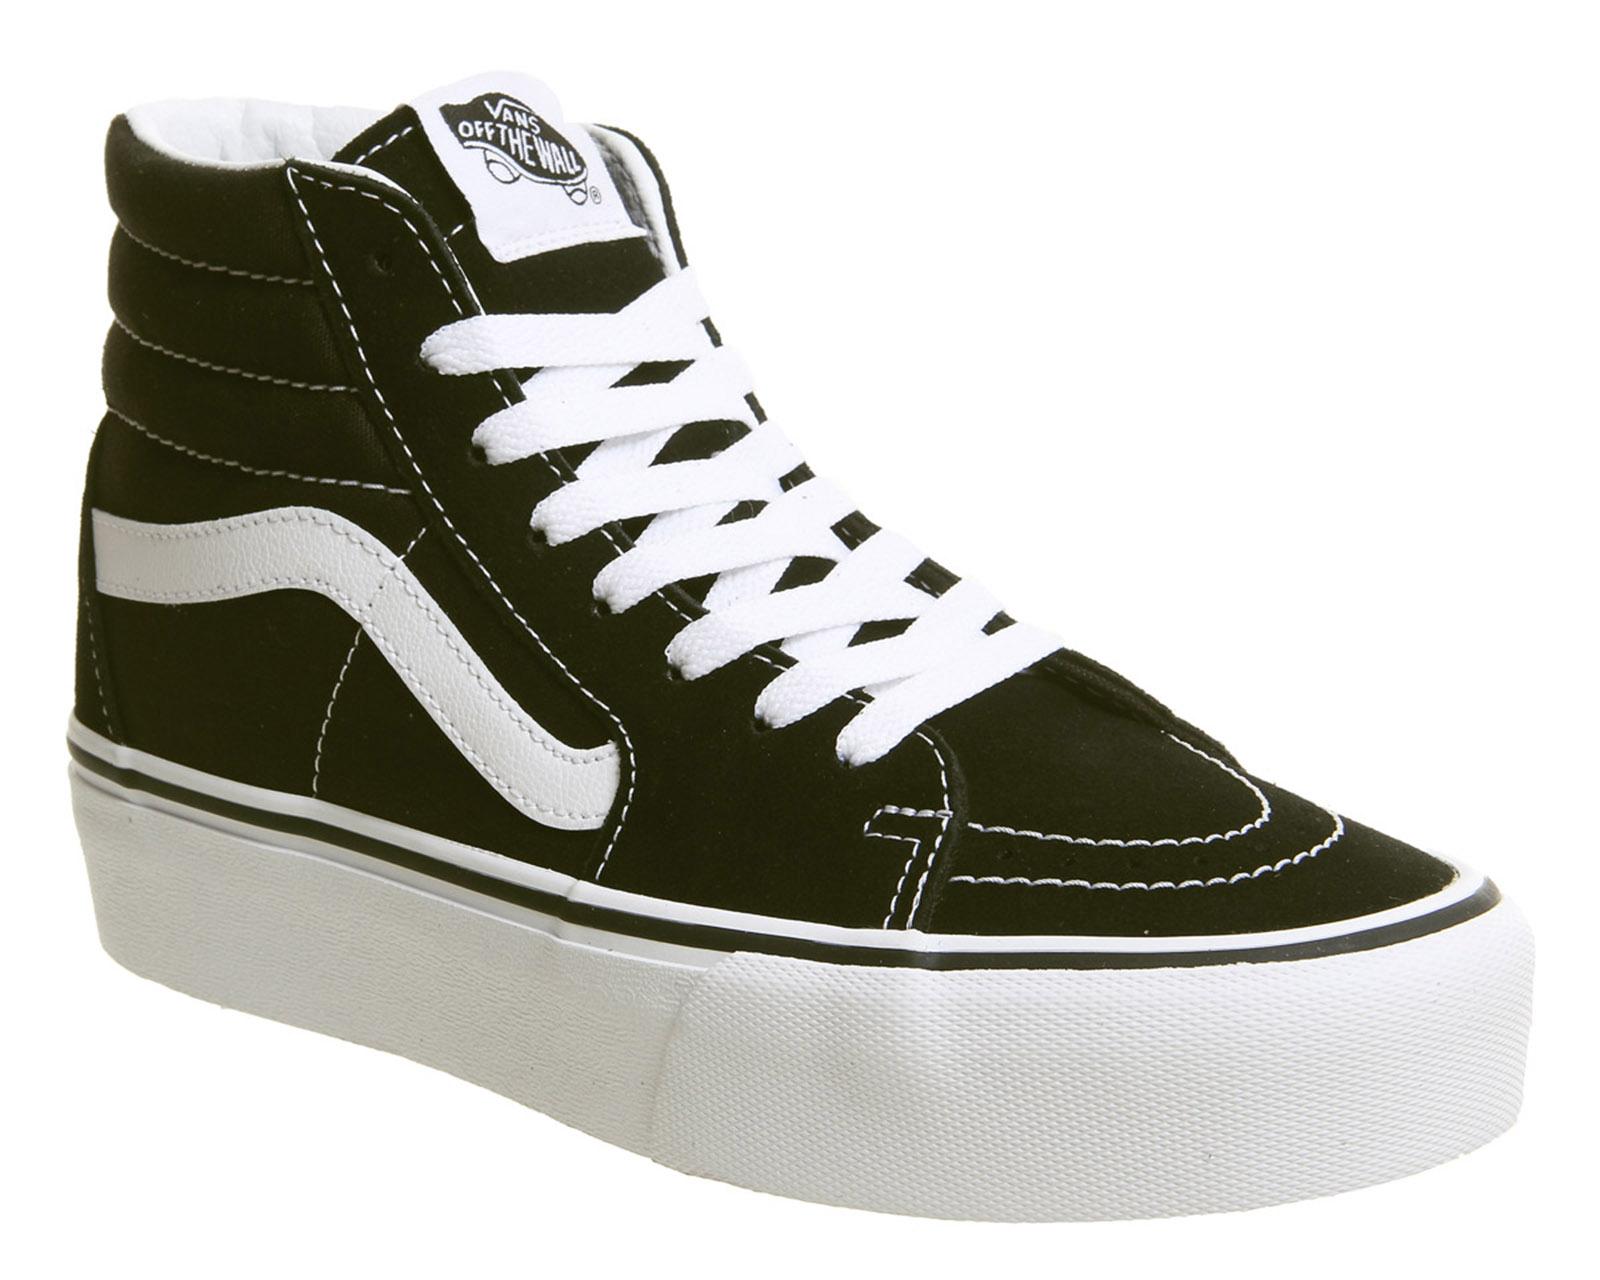 e82b1bd7ba9395 Détails sur Chaussures Femme Vans Sk8 Hi Platform 2.0 Baskets Noir Vrai  Blanc Baskets Chaussures- afficher le titre d'origine